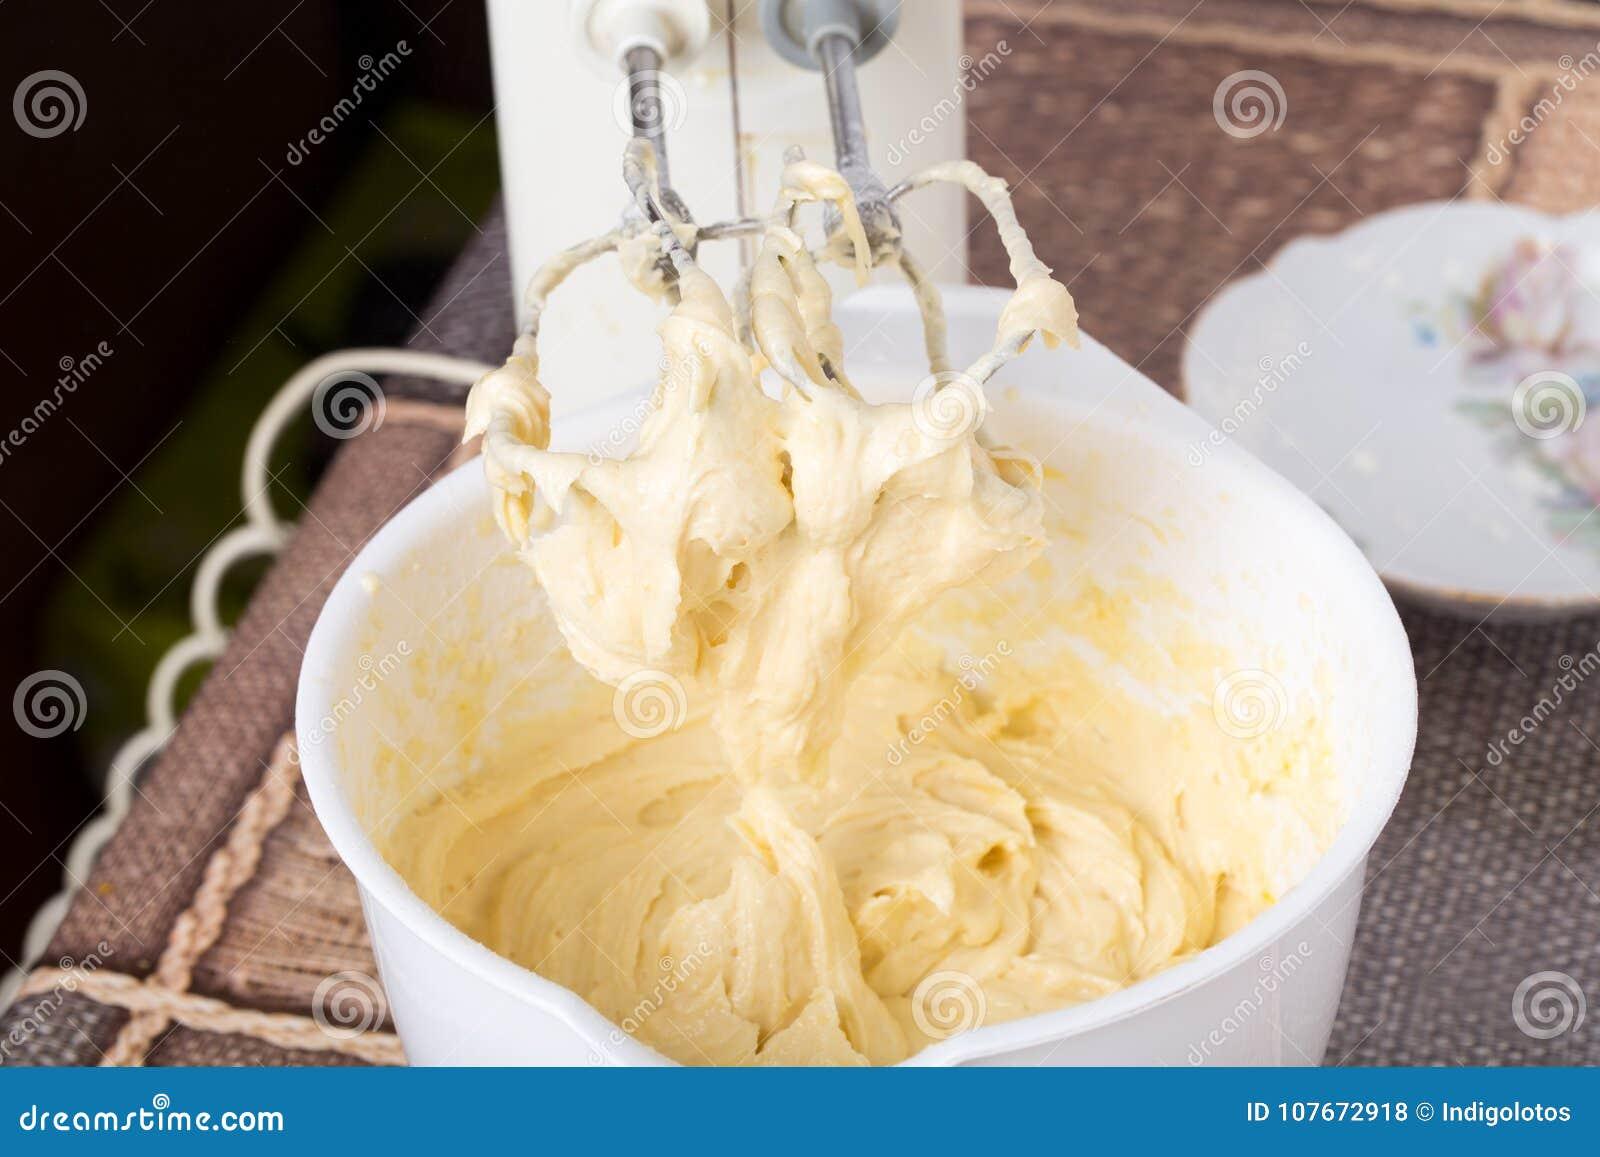 Blandande deg med mjöl